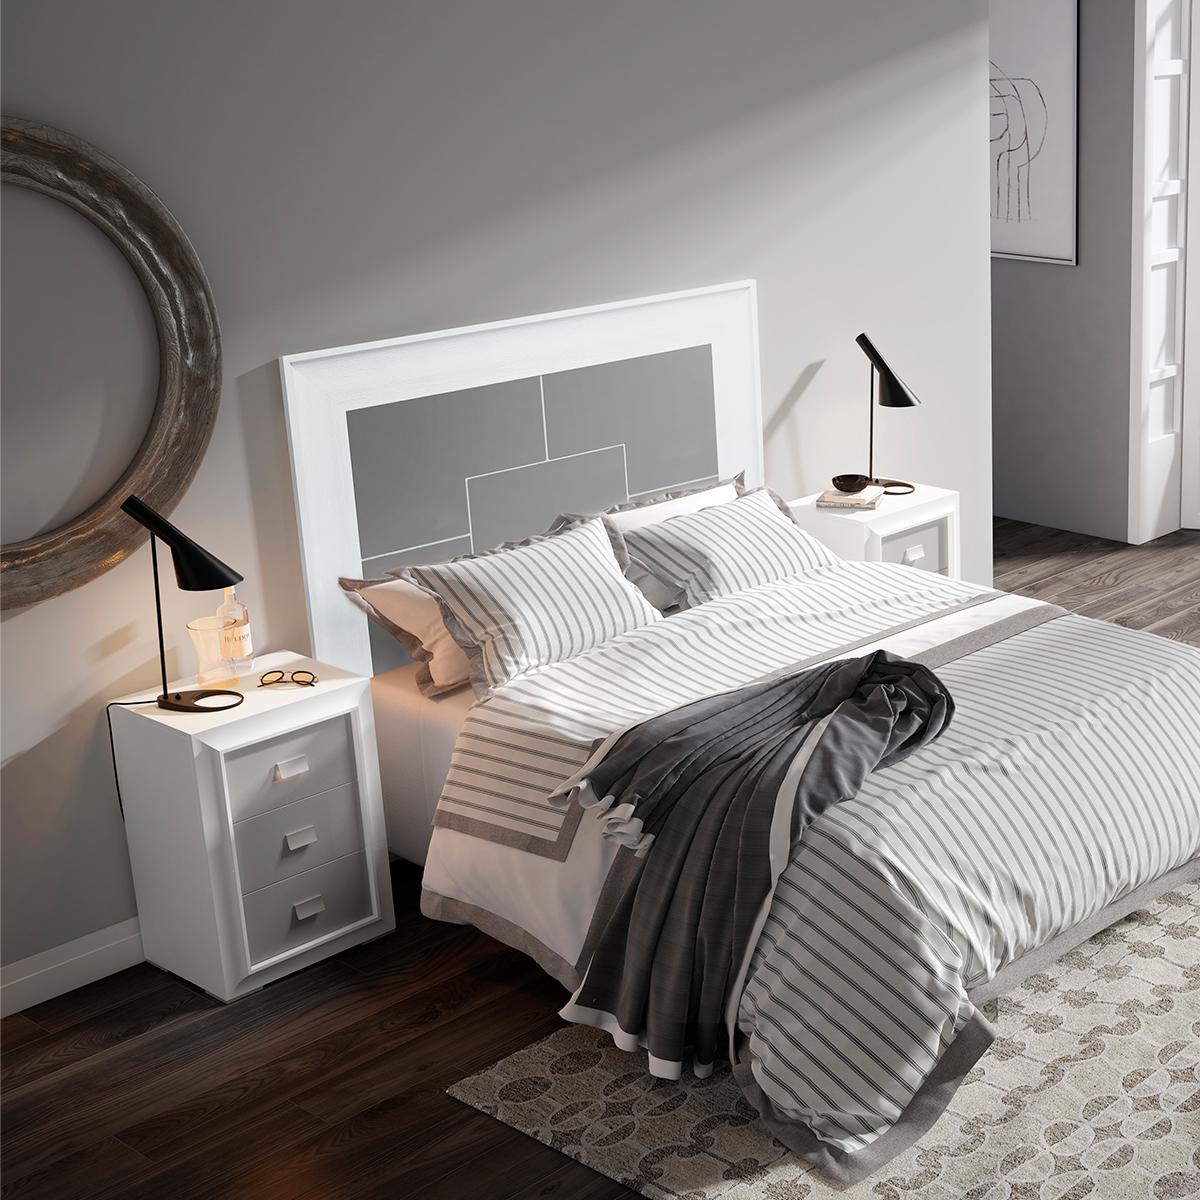 Dormitorio de matrimonio New Mito cabecero y dos mesitas